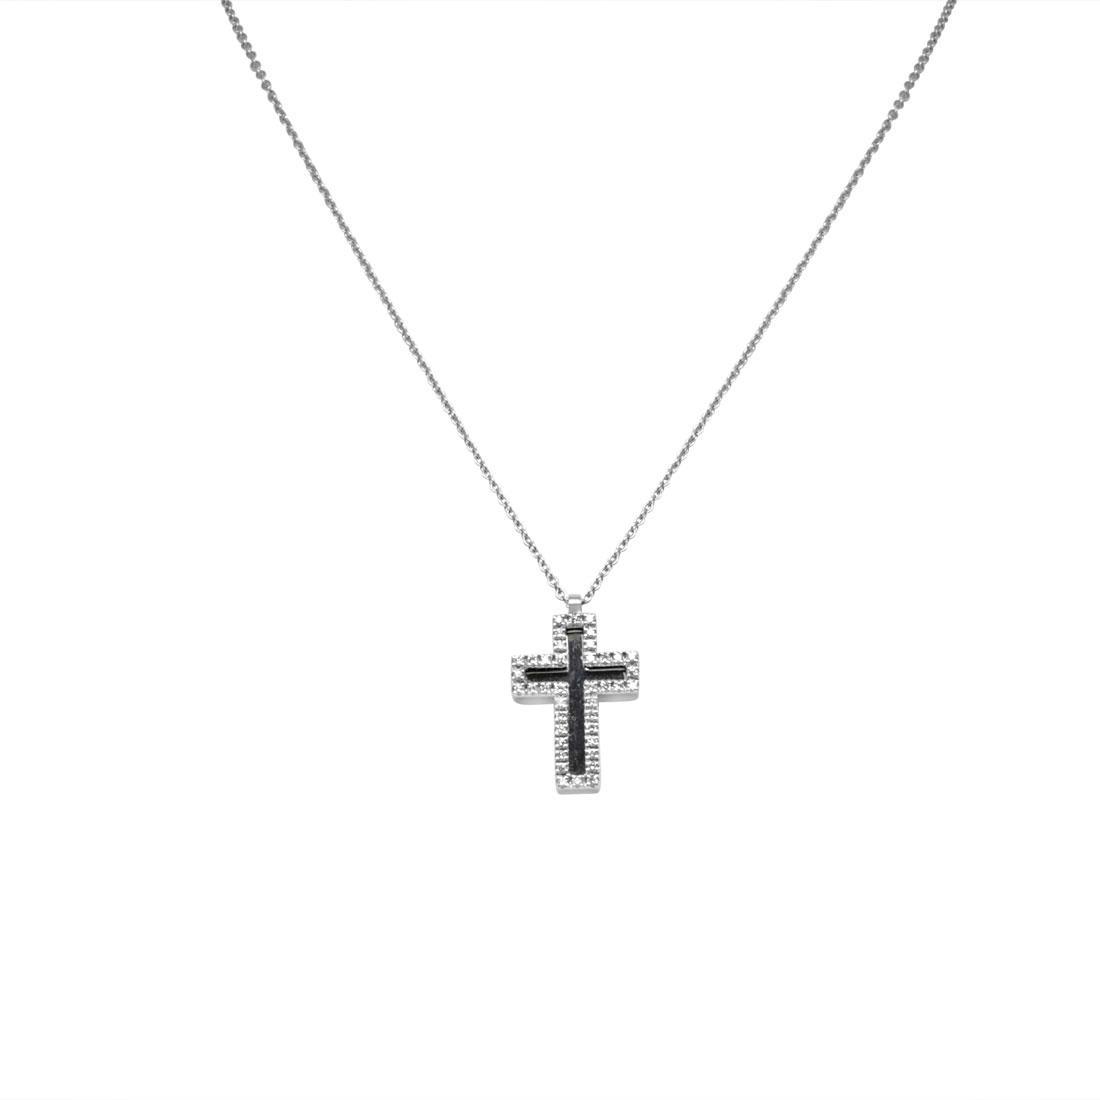 Collier Alfieri & St. John in oro bianco con ciondolo croce in diamanti bianchi - ALFIERI & ST.JOHN